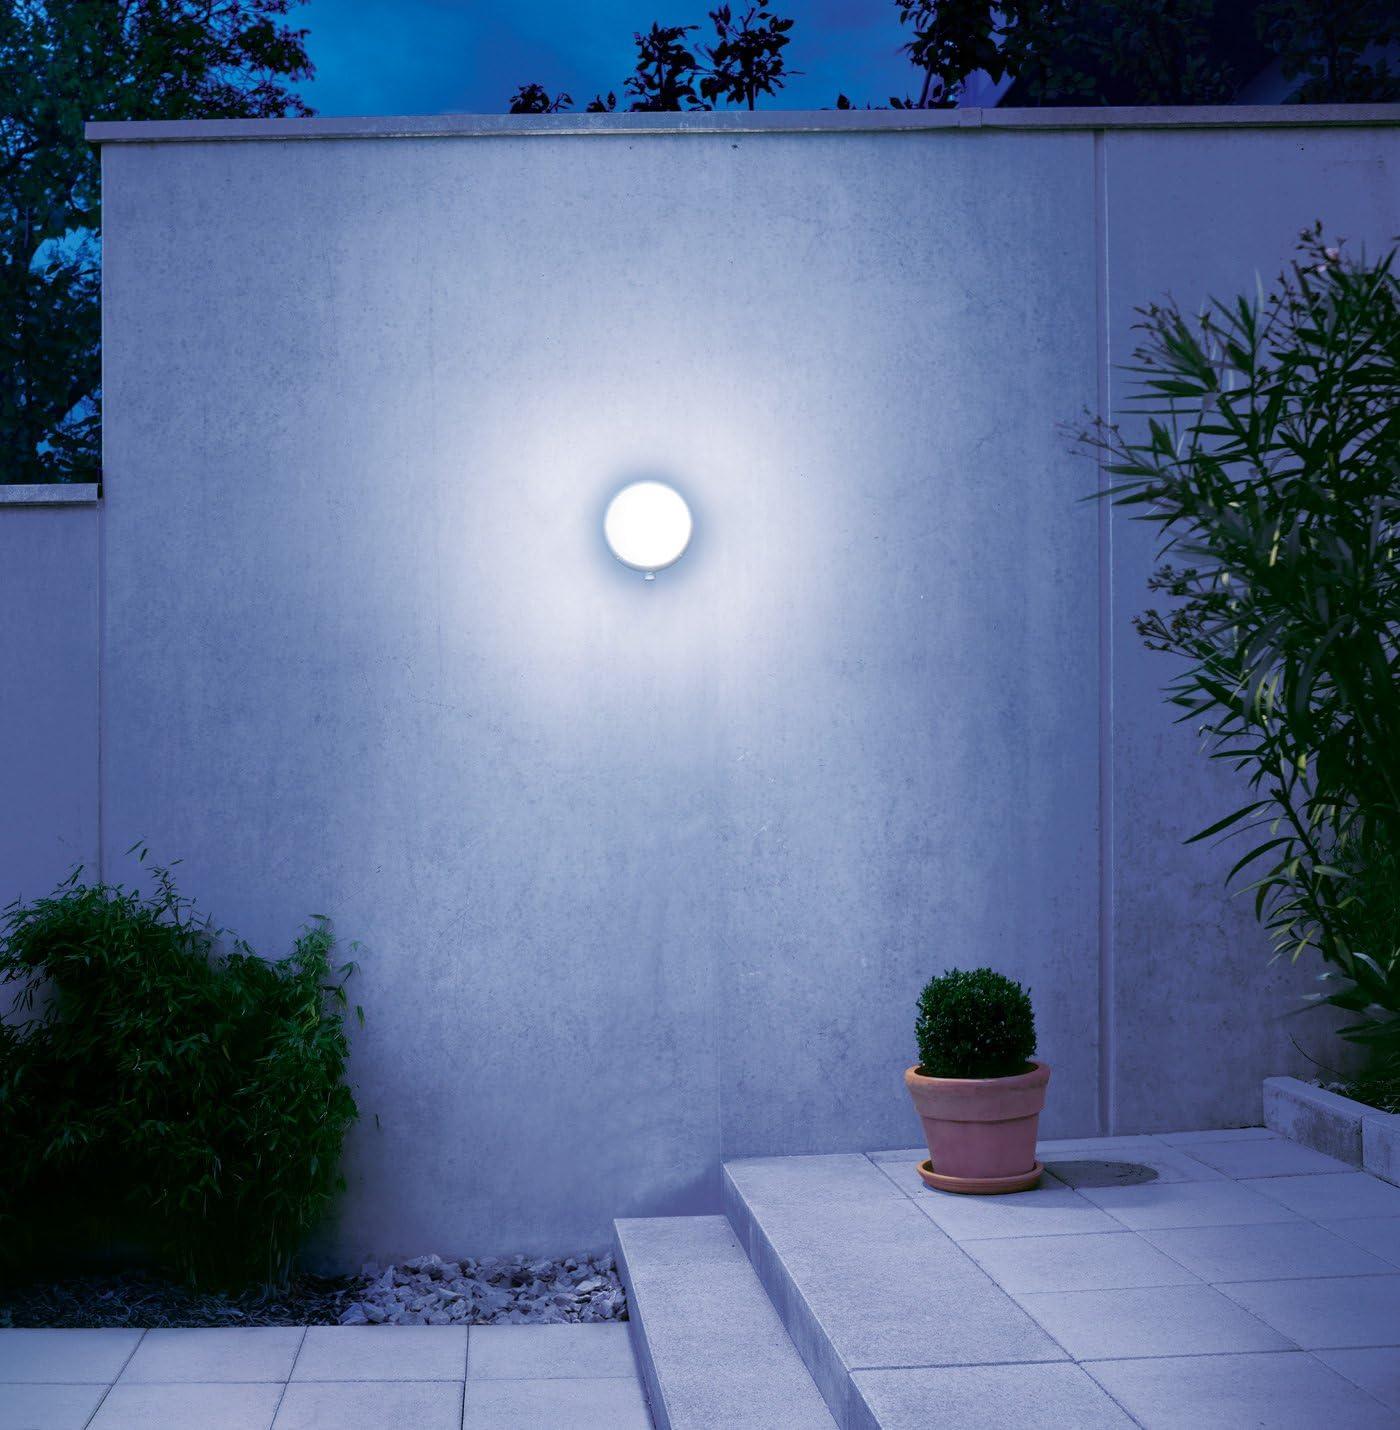 Steinel ST 670115 Lampada per Esterni con Sensore L 330 S, Bianco, Blanco: Amazon.es: Hogar